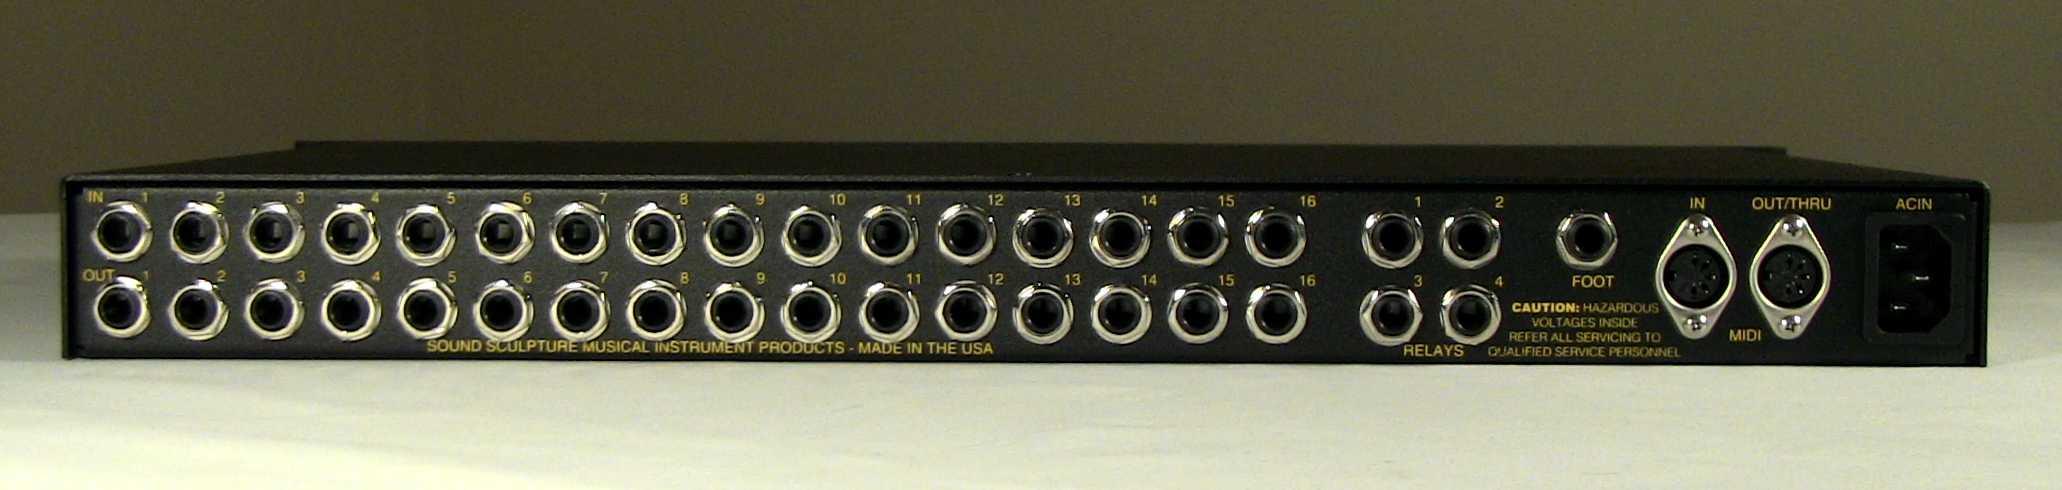 Switchblade Rack Models